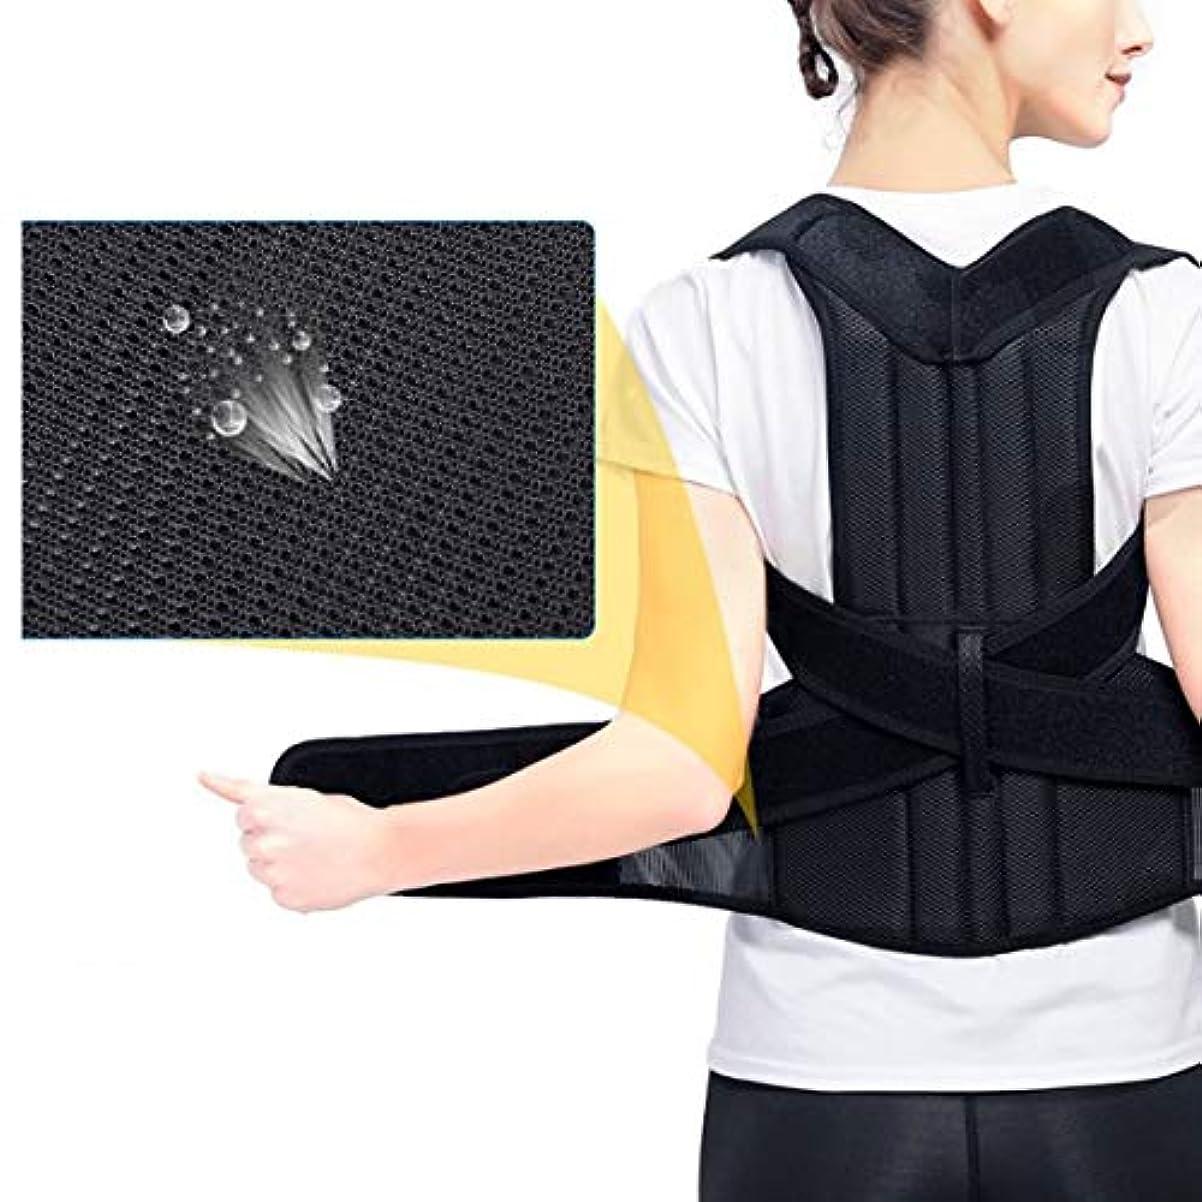 七時半ホステスしなやか腰椎矯正バックブレース背骨装具側弯症腰椎サポート脊椎湾曲装具固定用姿勢 - 黒